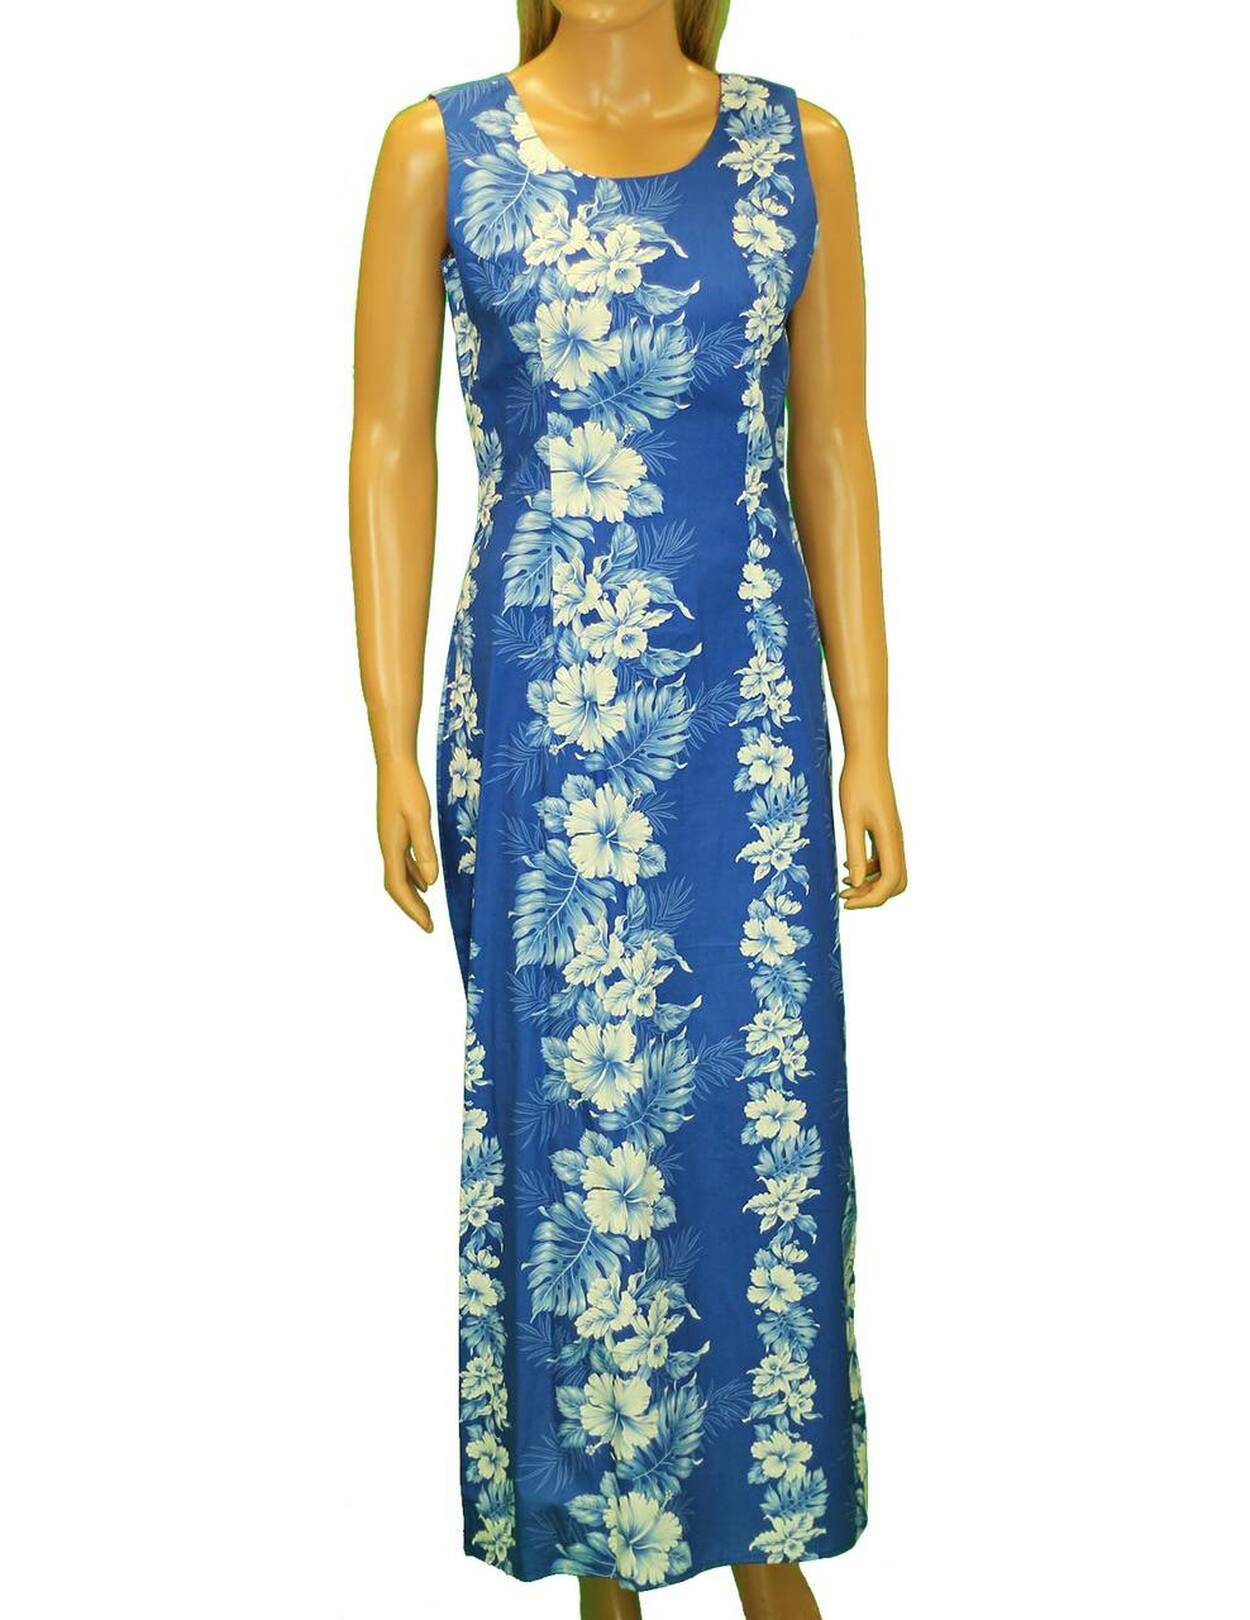 Long Tank Hawaiian Royal Blue Dress Haku Laape - Hawaiian Wedding Place